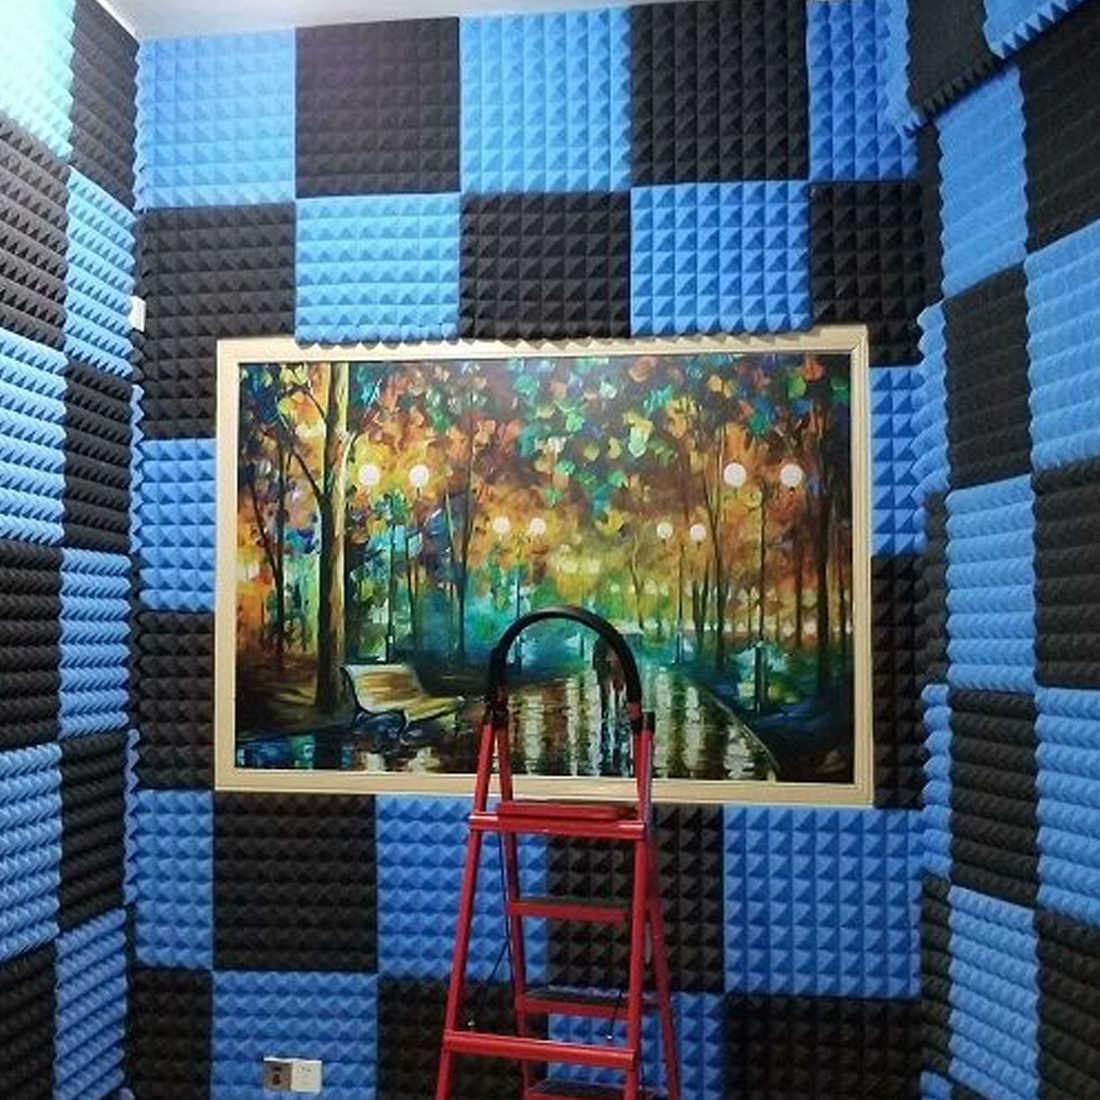 رغوة صوتية مجلس عازلة للصوت امتصاص الصوت القطن طبل غرفة تسجيل استوديو البيانو جدار عزل الصوت الإسفنج